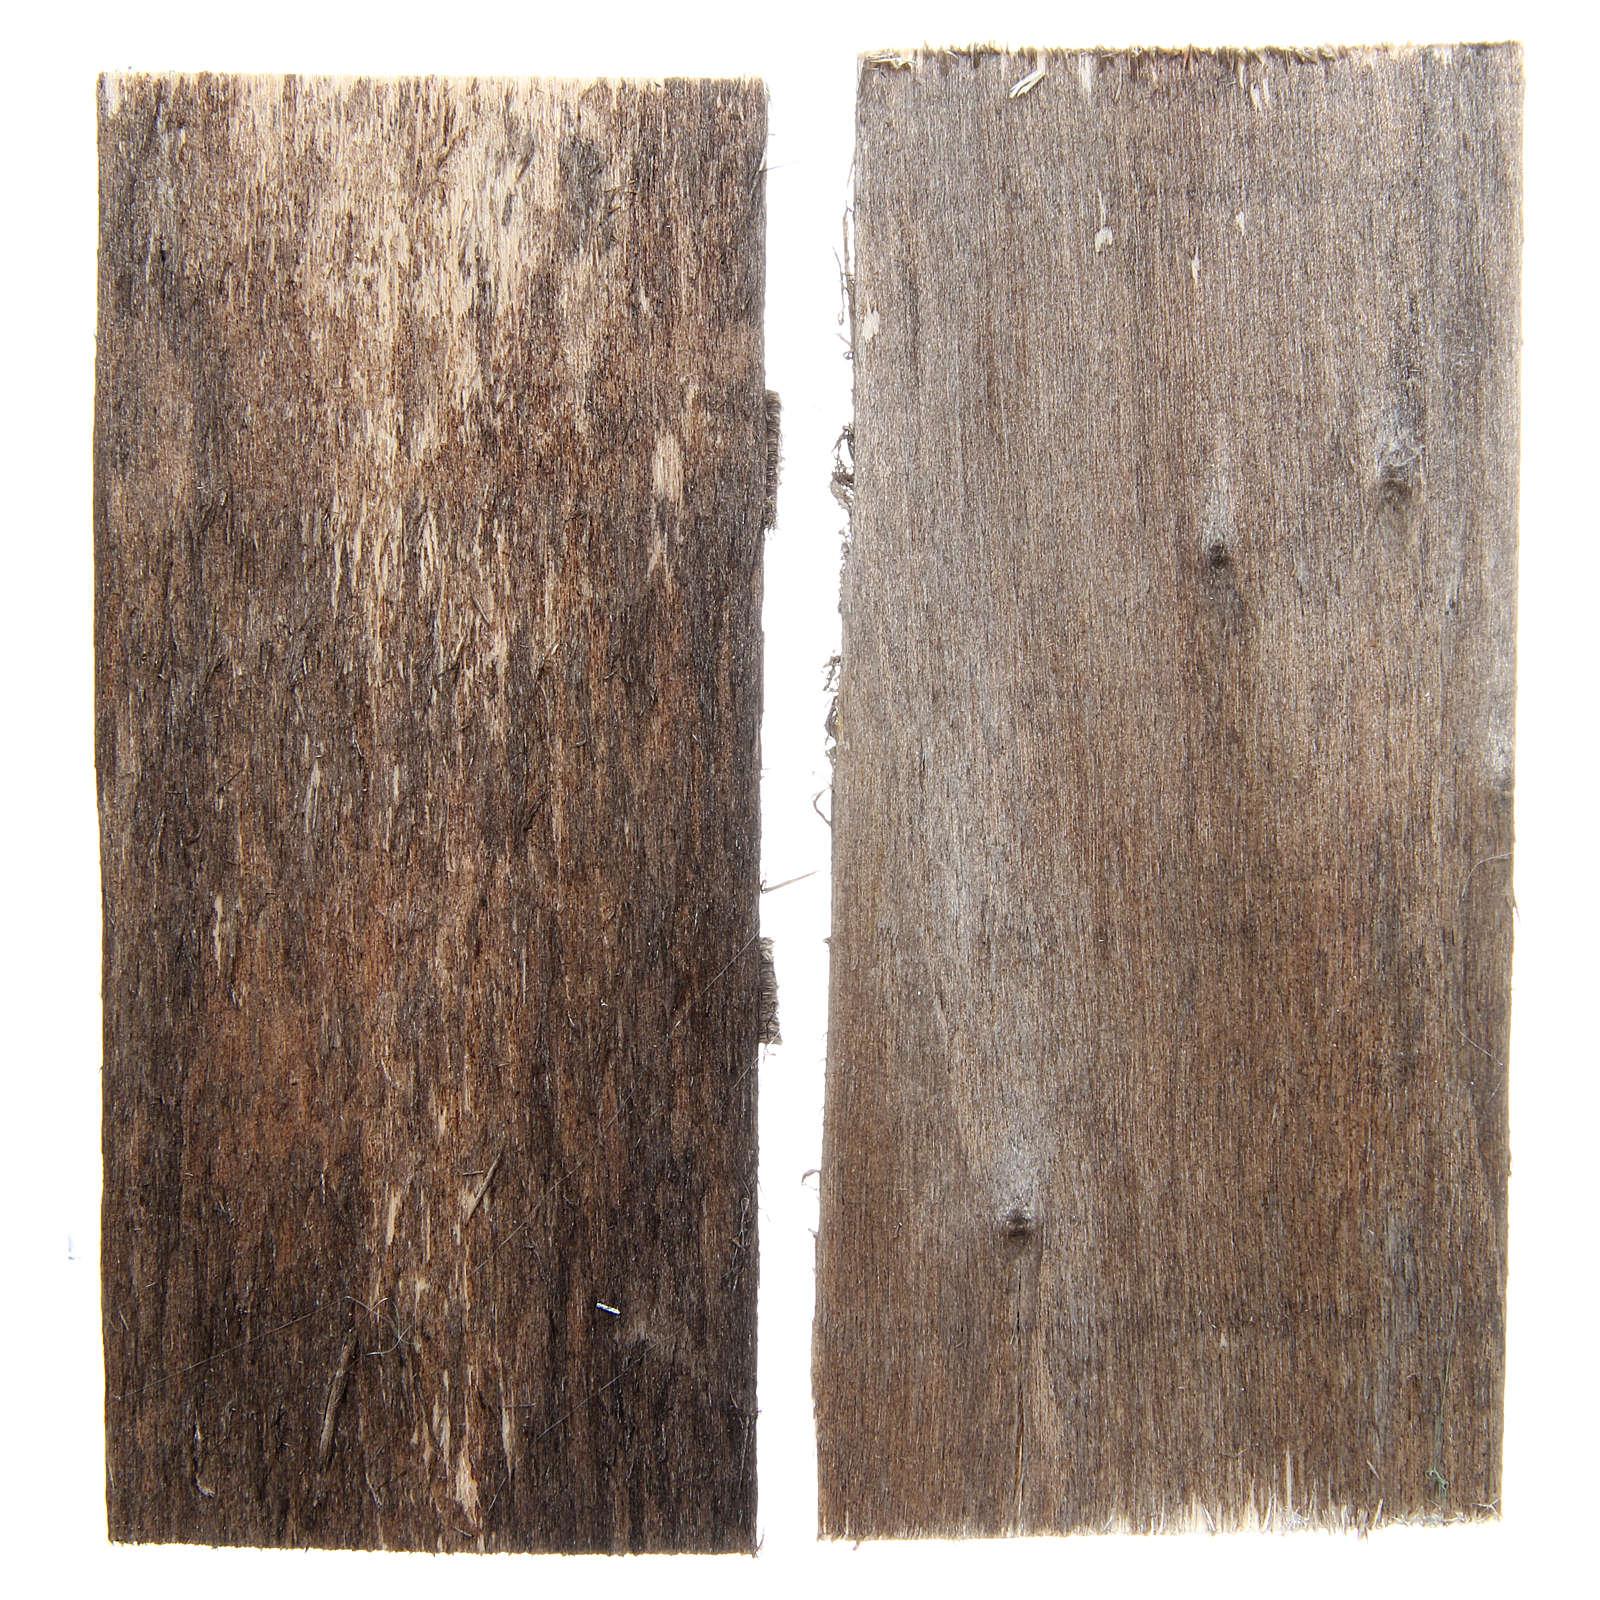 Wooden door for DIY nativities, rectangular 11.5x5.5, set of 2 4